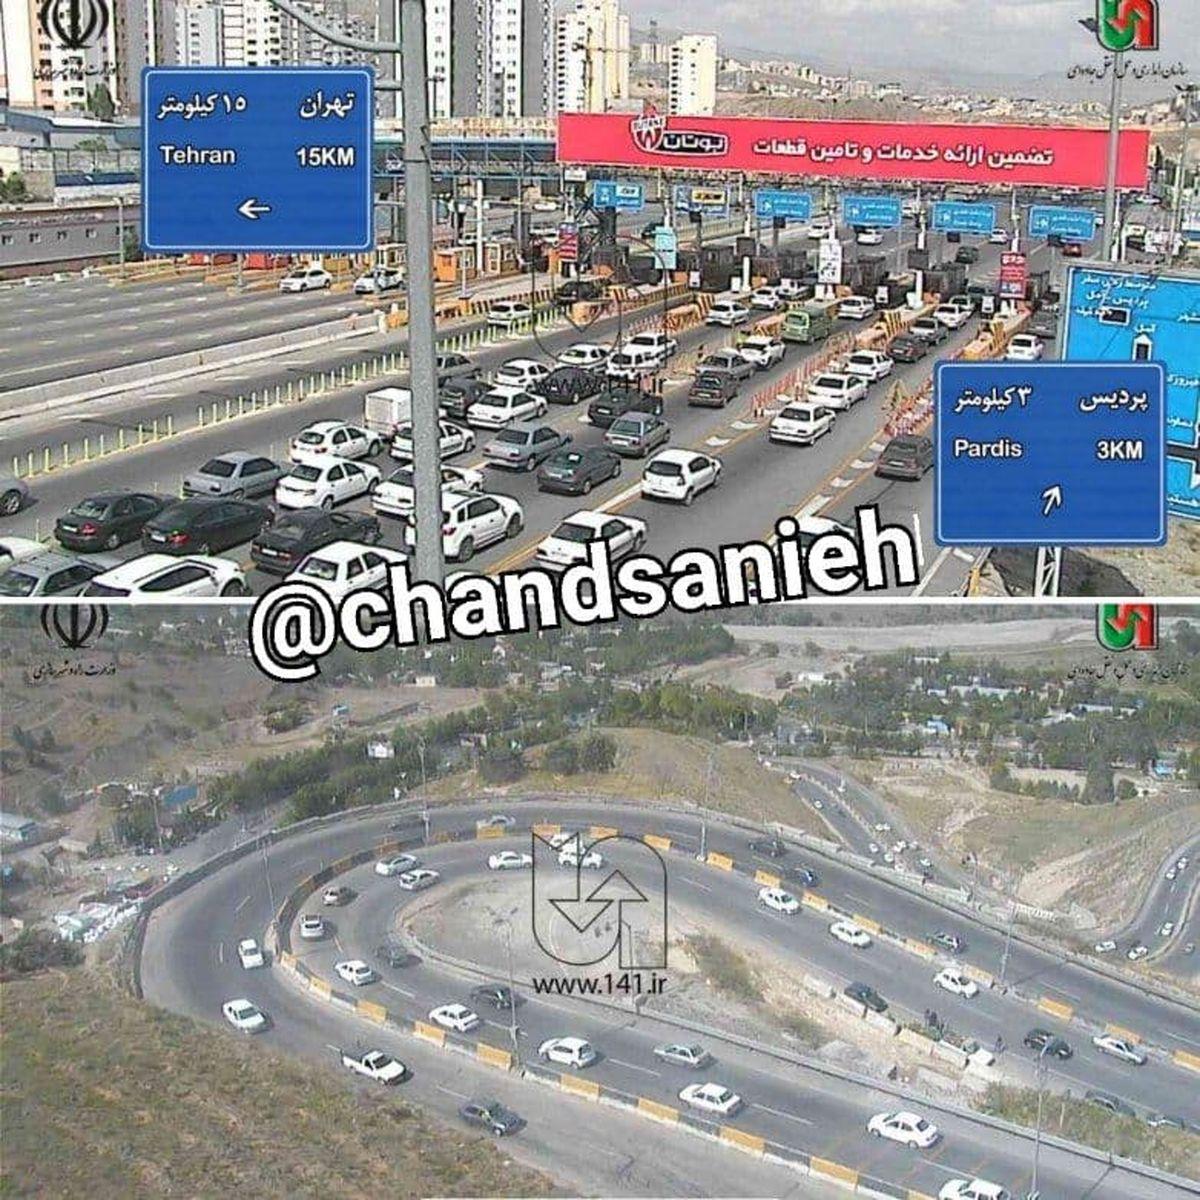 ترافیک سنگین در بزرگراه های شرق تهران +عکس